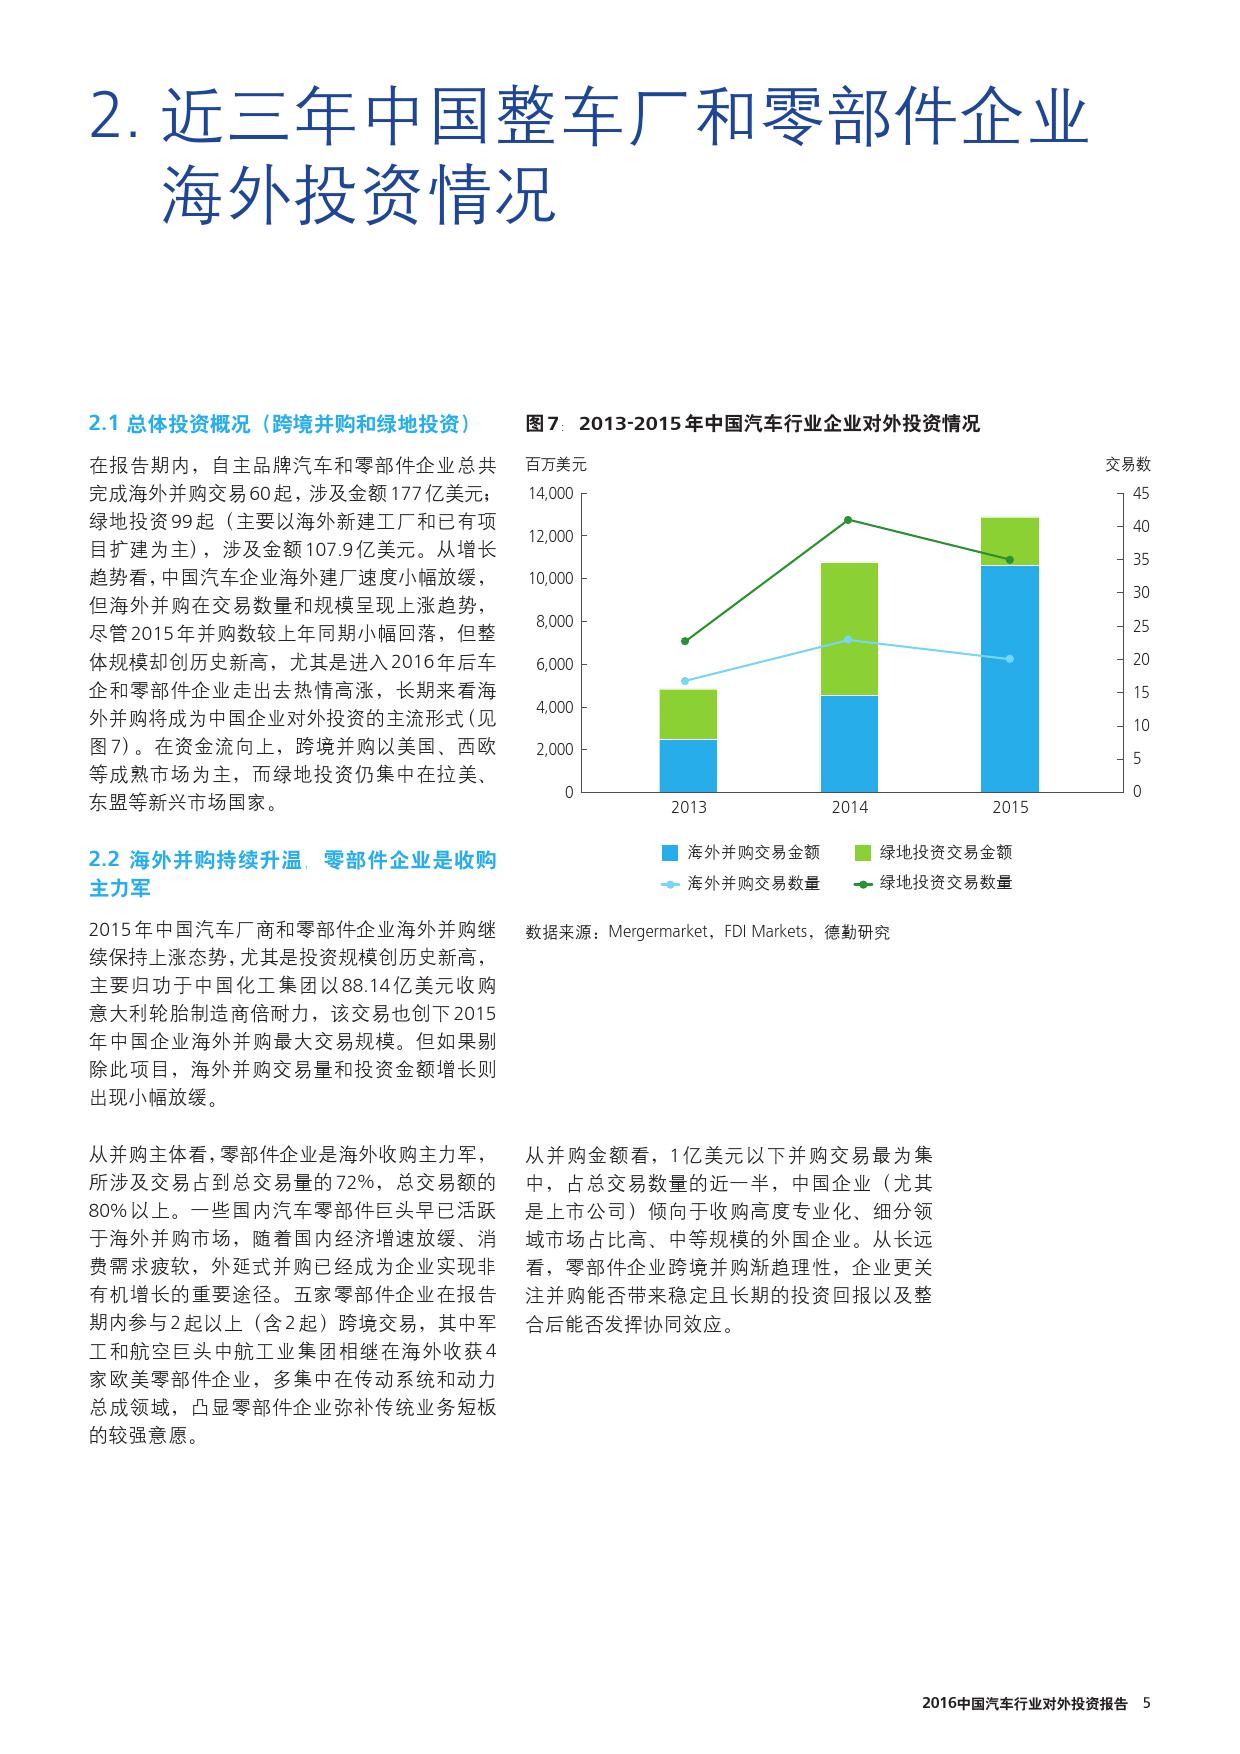 2016中国汽车行业对外投资报告_000007